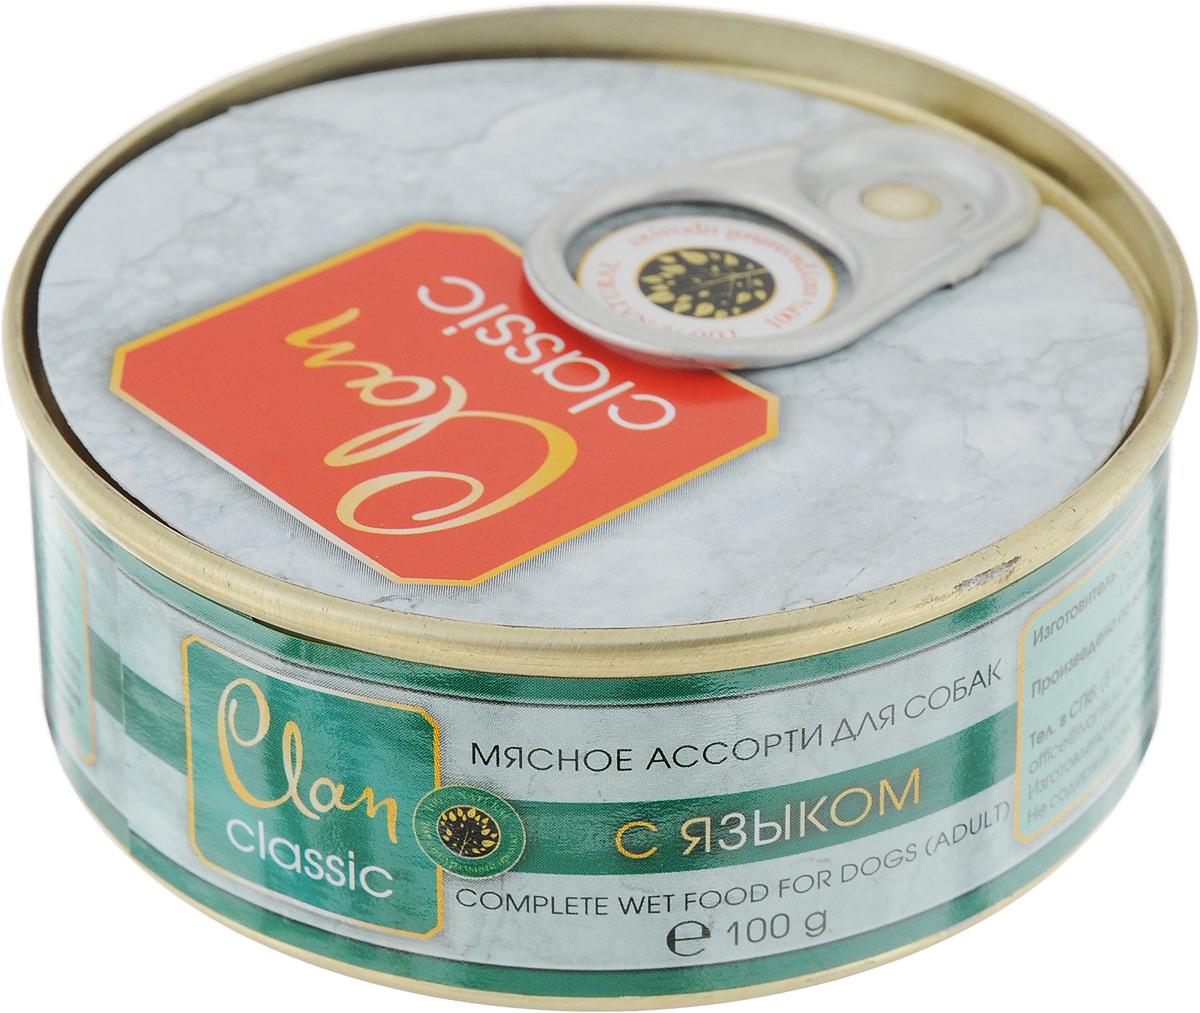 Консервы для взрослых собак Clan Classic, с языком, 100 г130.4.025Clan Classic - влажный корм для каждодневного питания взрослых собак. Корм рекомендуется смешивать с кашами. Консервы изготовлены из высококачественного мясного сырья. Для производства корма используется щадящая технология, бережно сохраняющая максимум питательных веществ и витаминов, отборное сырье и специально разработанная рецептура, которая обеспечивает продукции изысканный деликатесный вкус и ярко выраженный аромат. Товар сертифицирован.